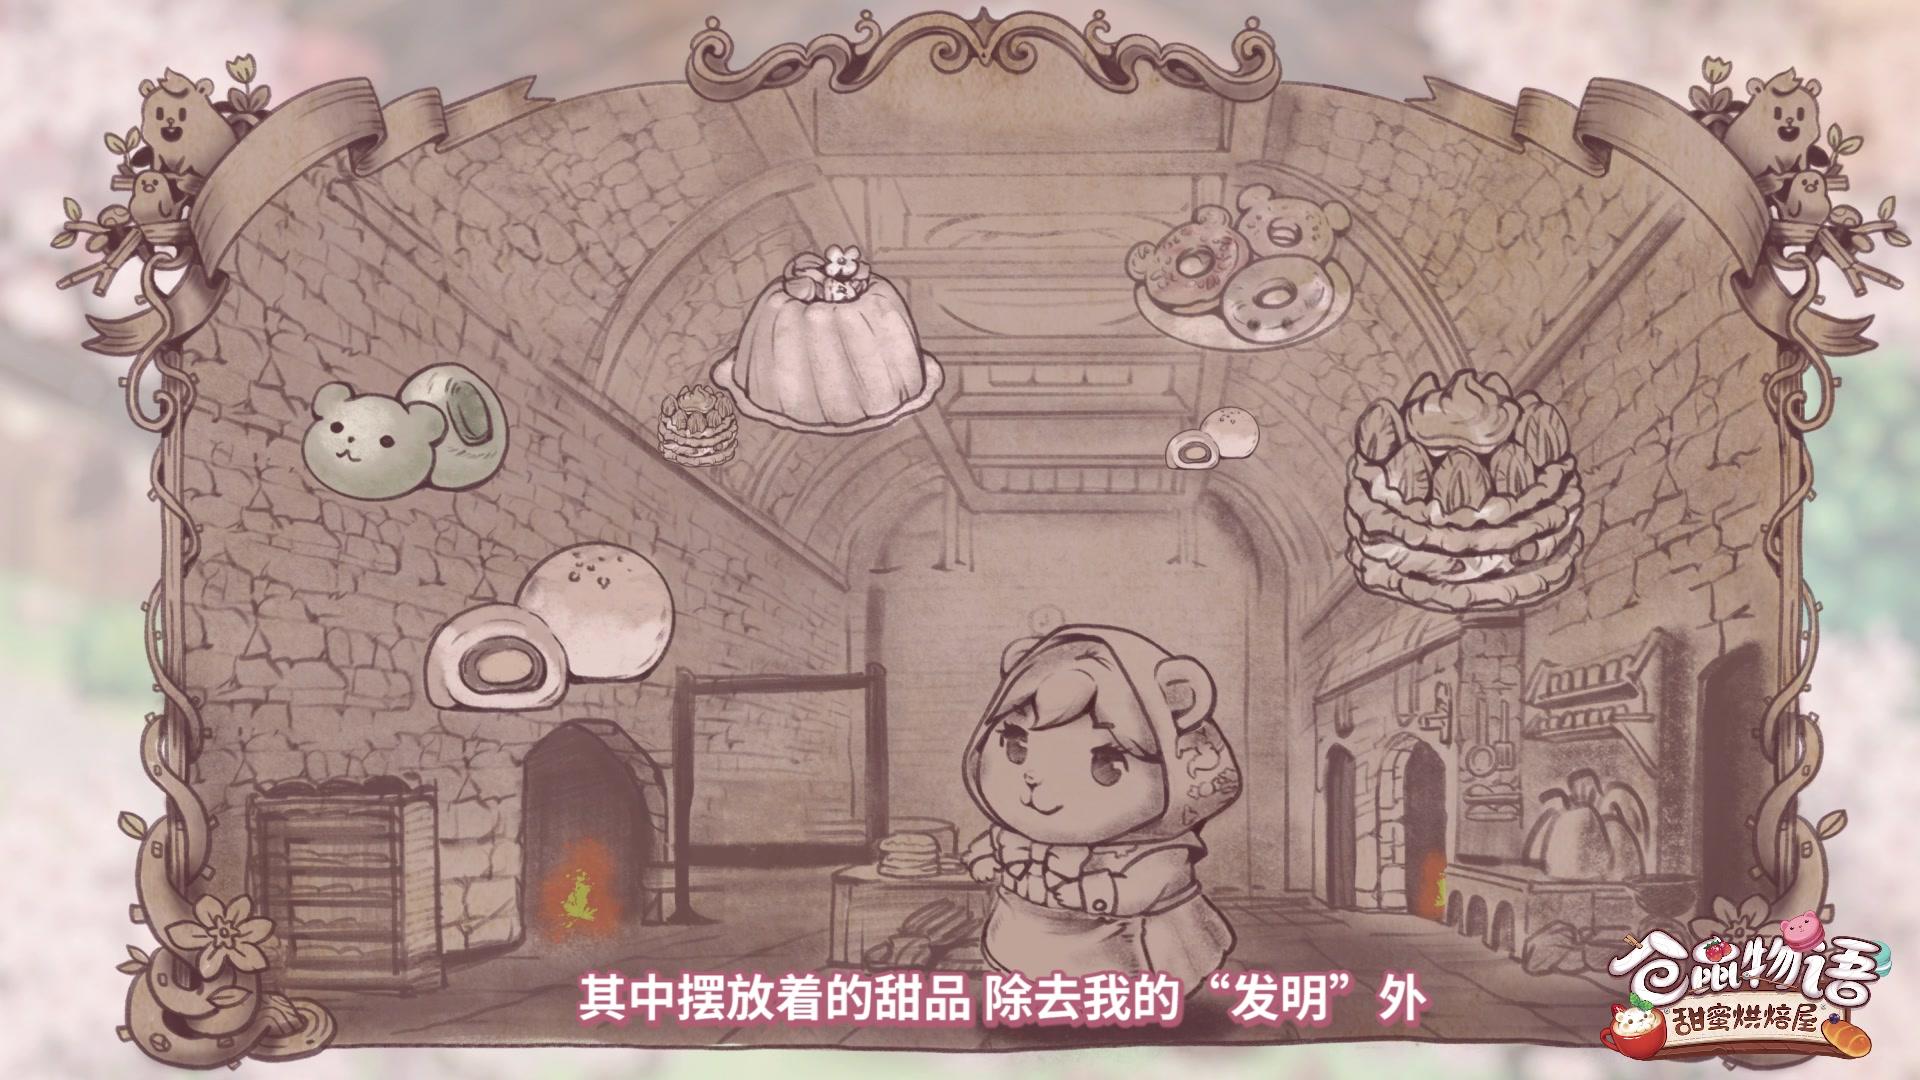 《仓鼠物语-甜蜜烘焙屋》手游PV首曝